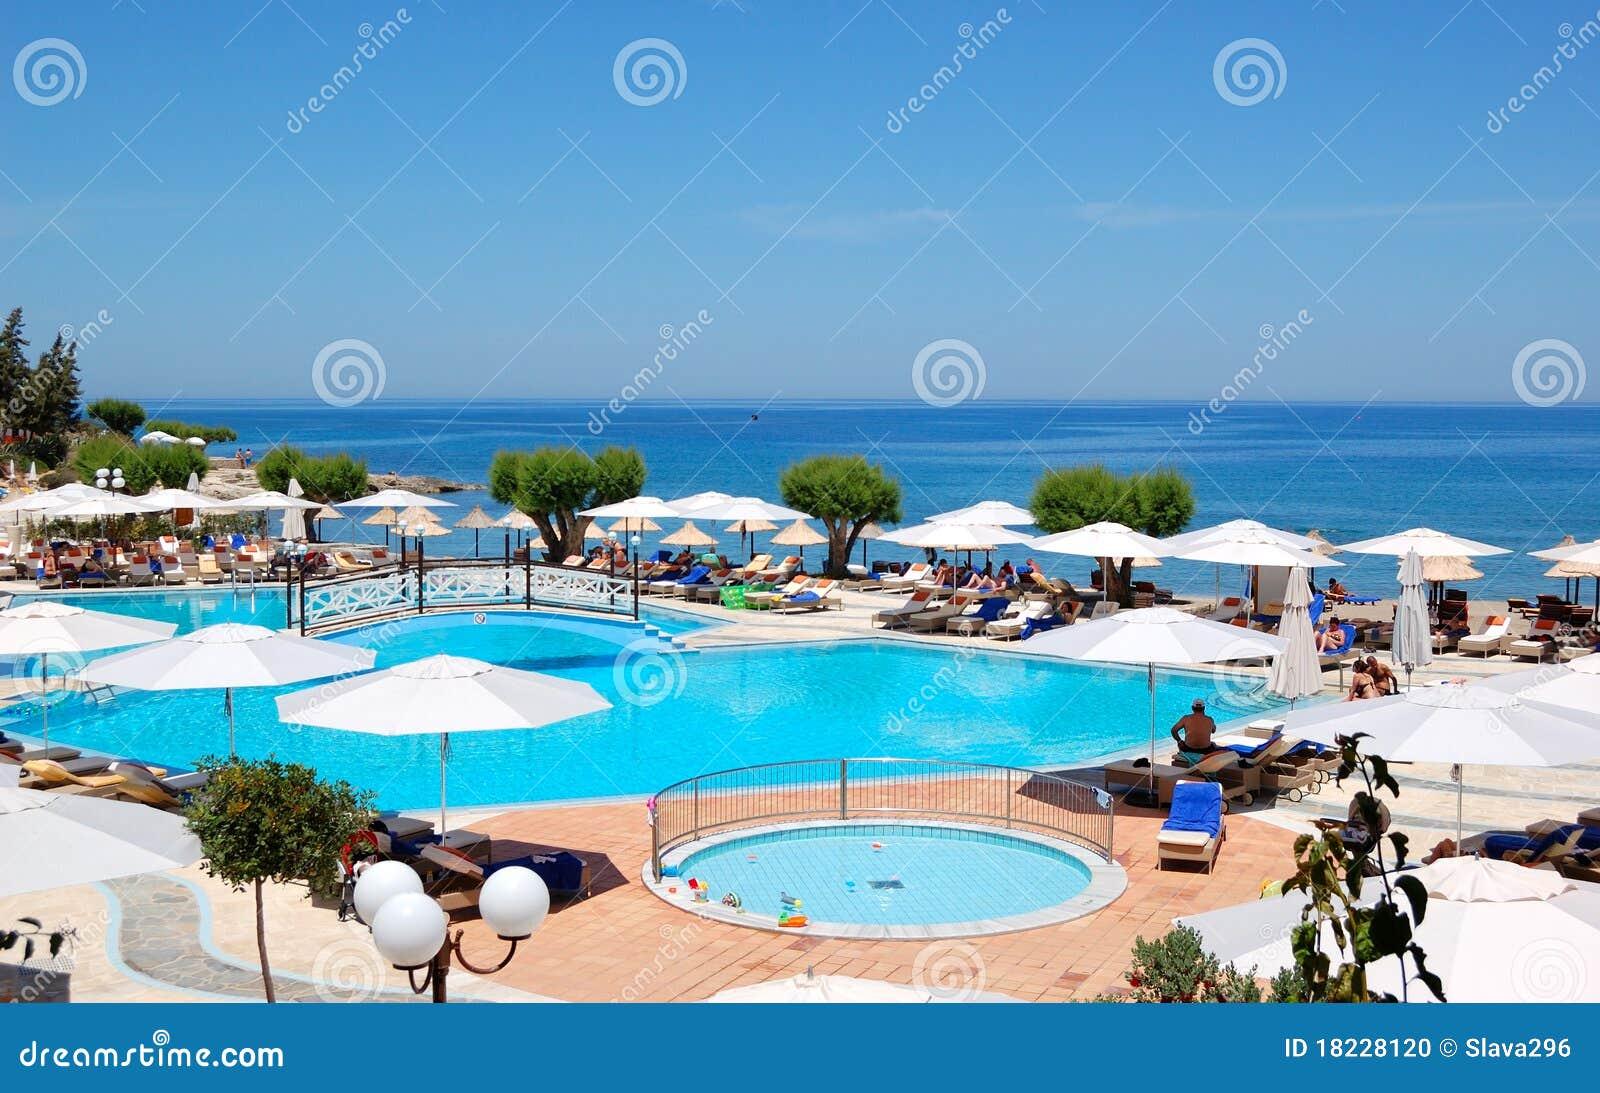 piscina y playa del hotel de maris de la tierra imagen